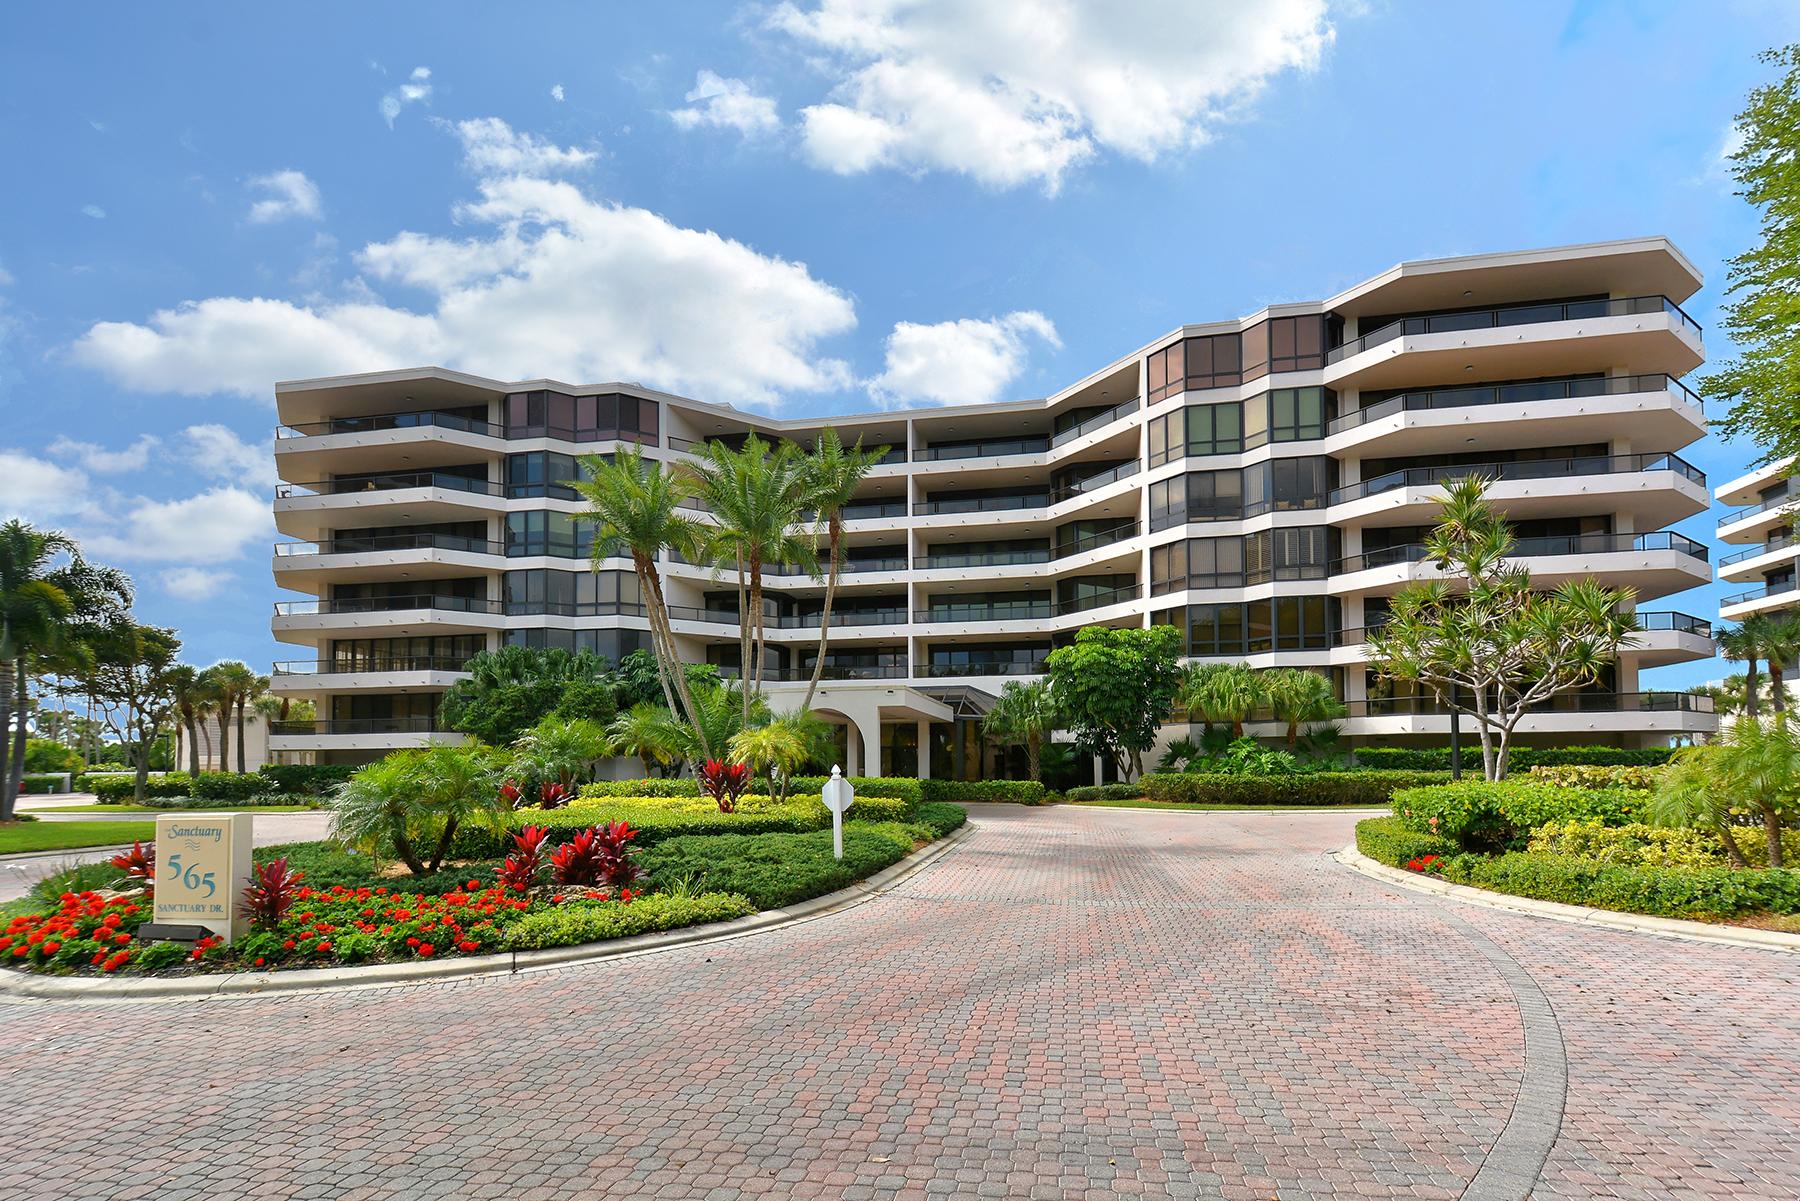 Nhà chung cư vì Bán tại LONGBOAT KEY 565 Sanctuary Dr A202 Longboat Key, Florida, 34228 Hoa Kỳ